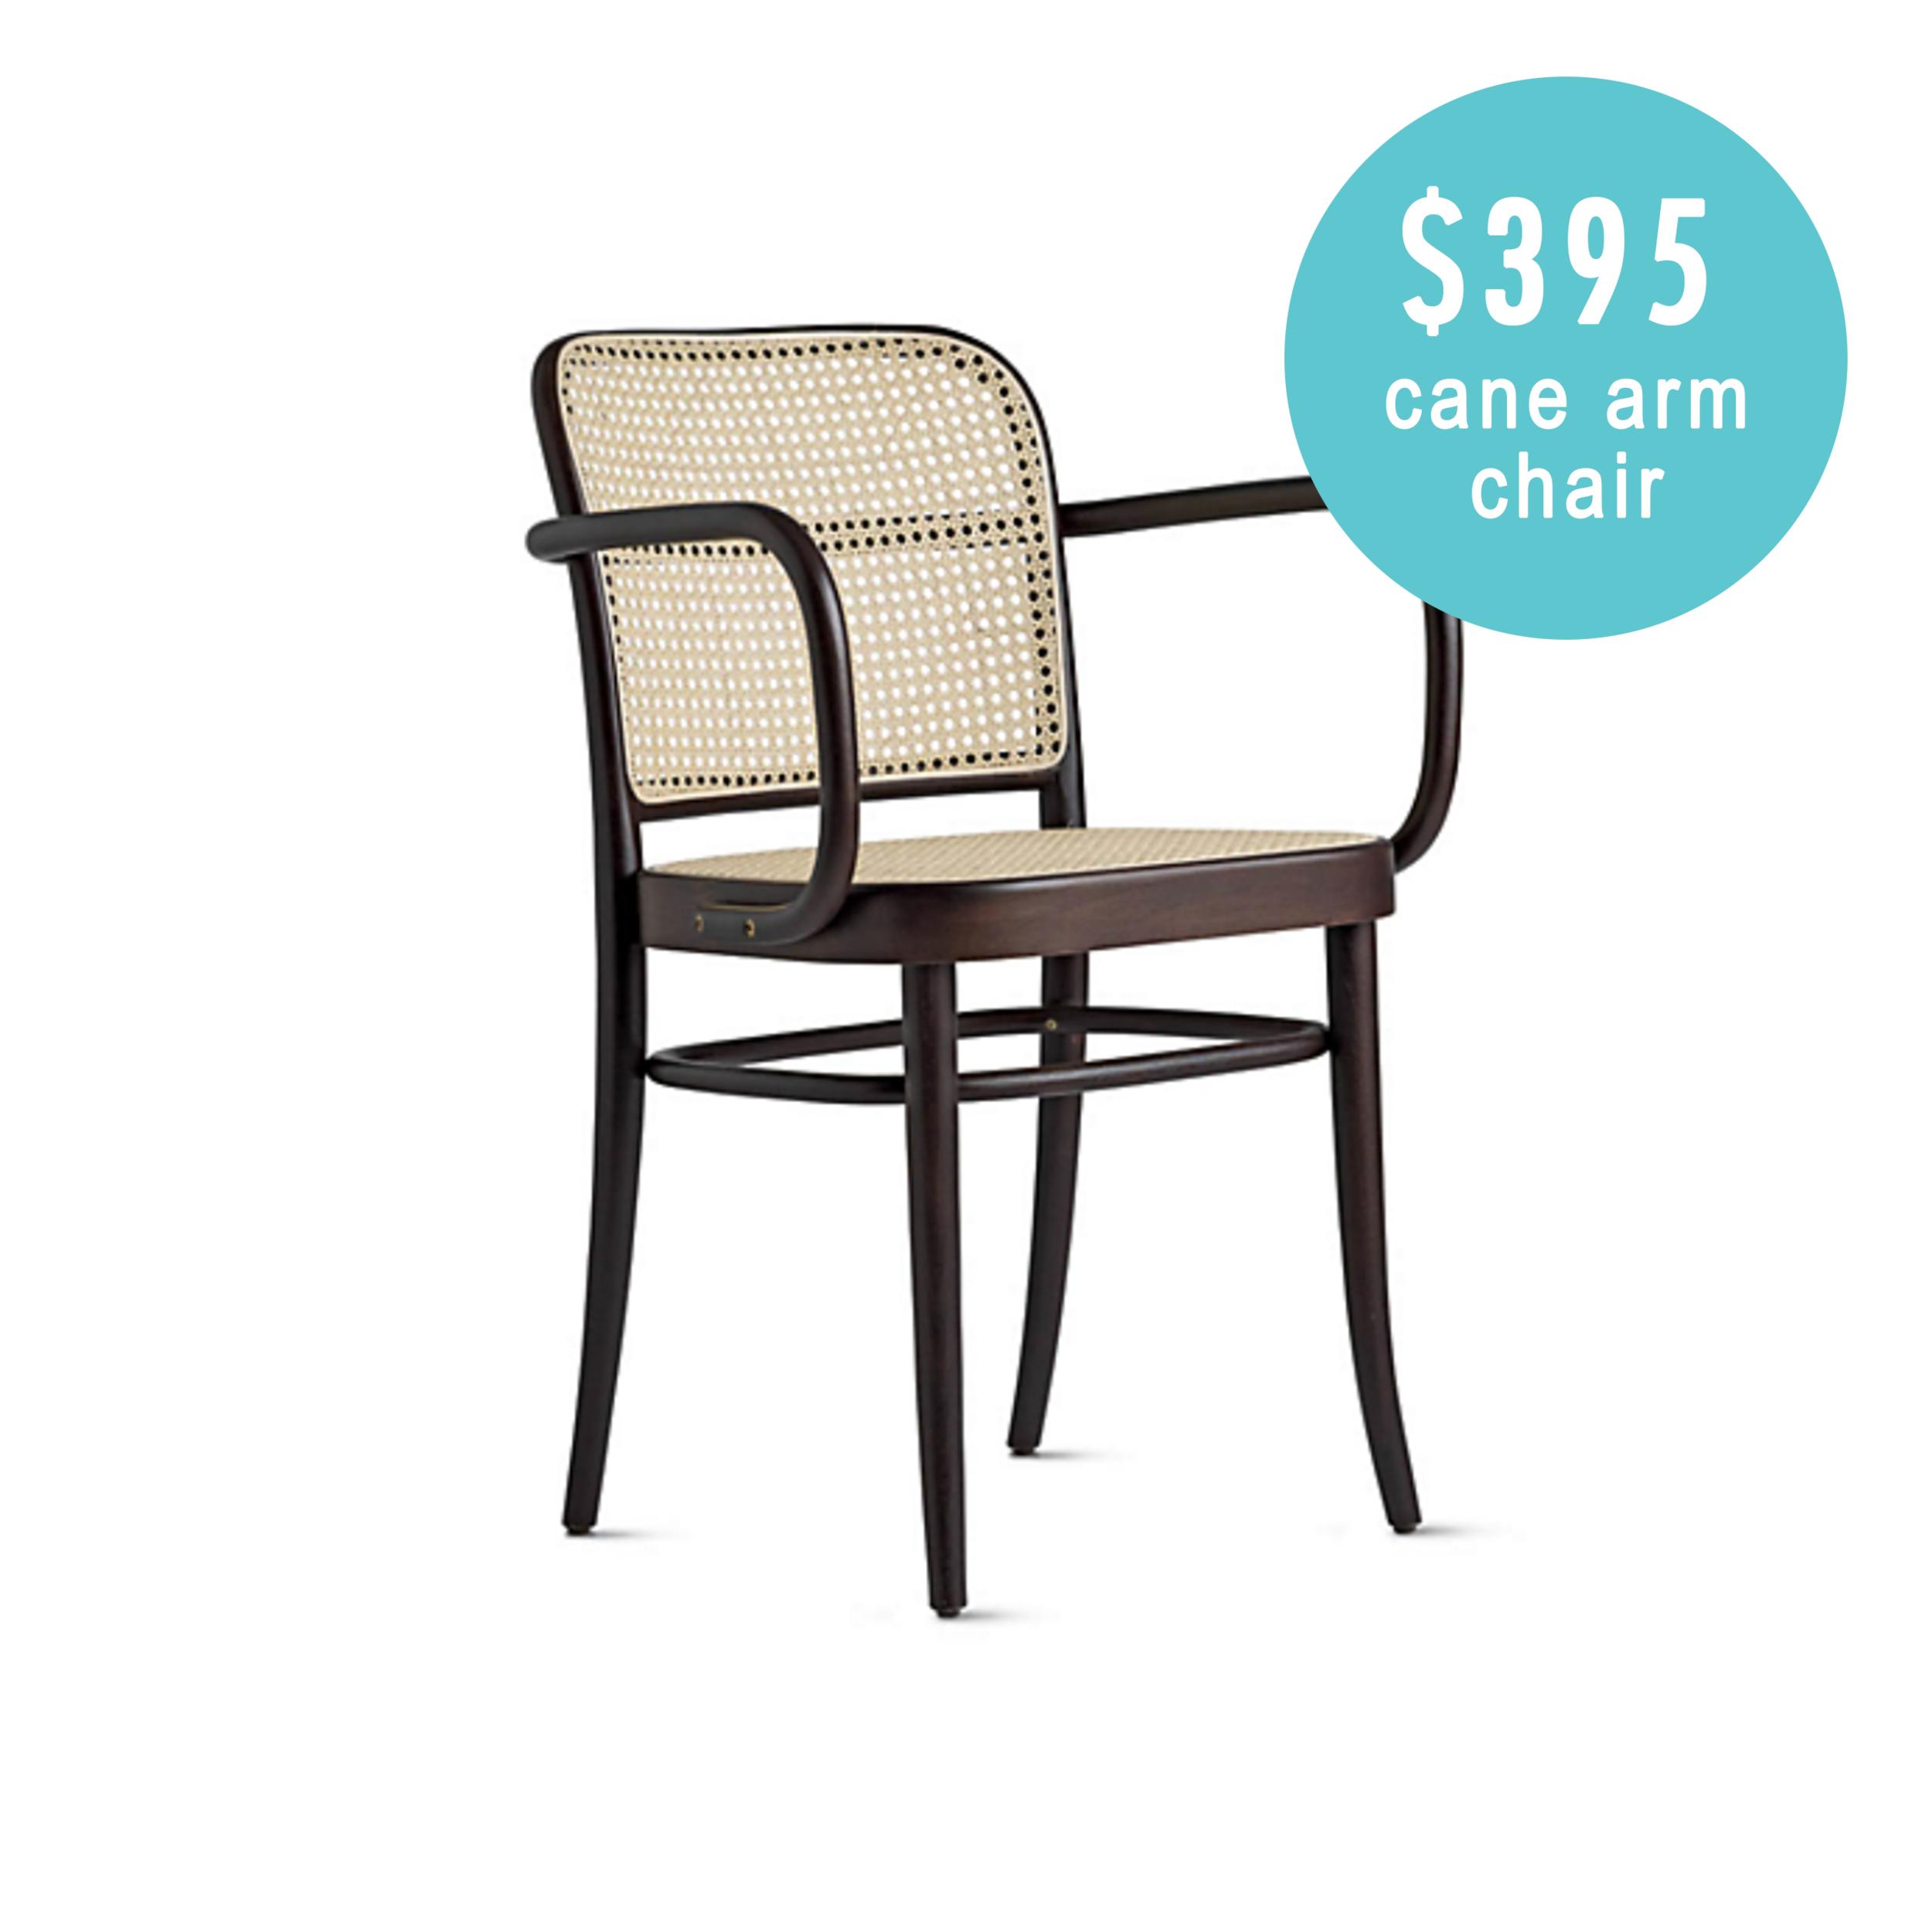 fairfax_cane chair.png